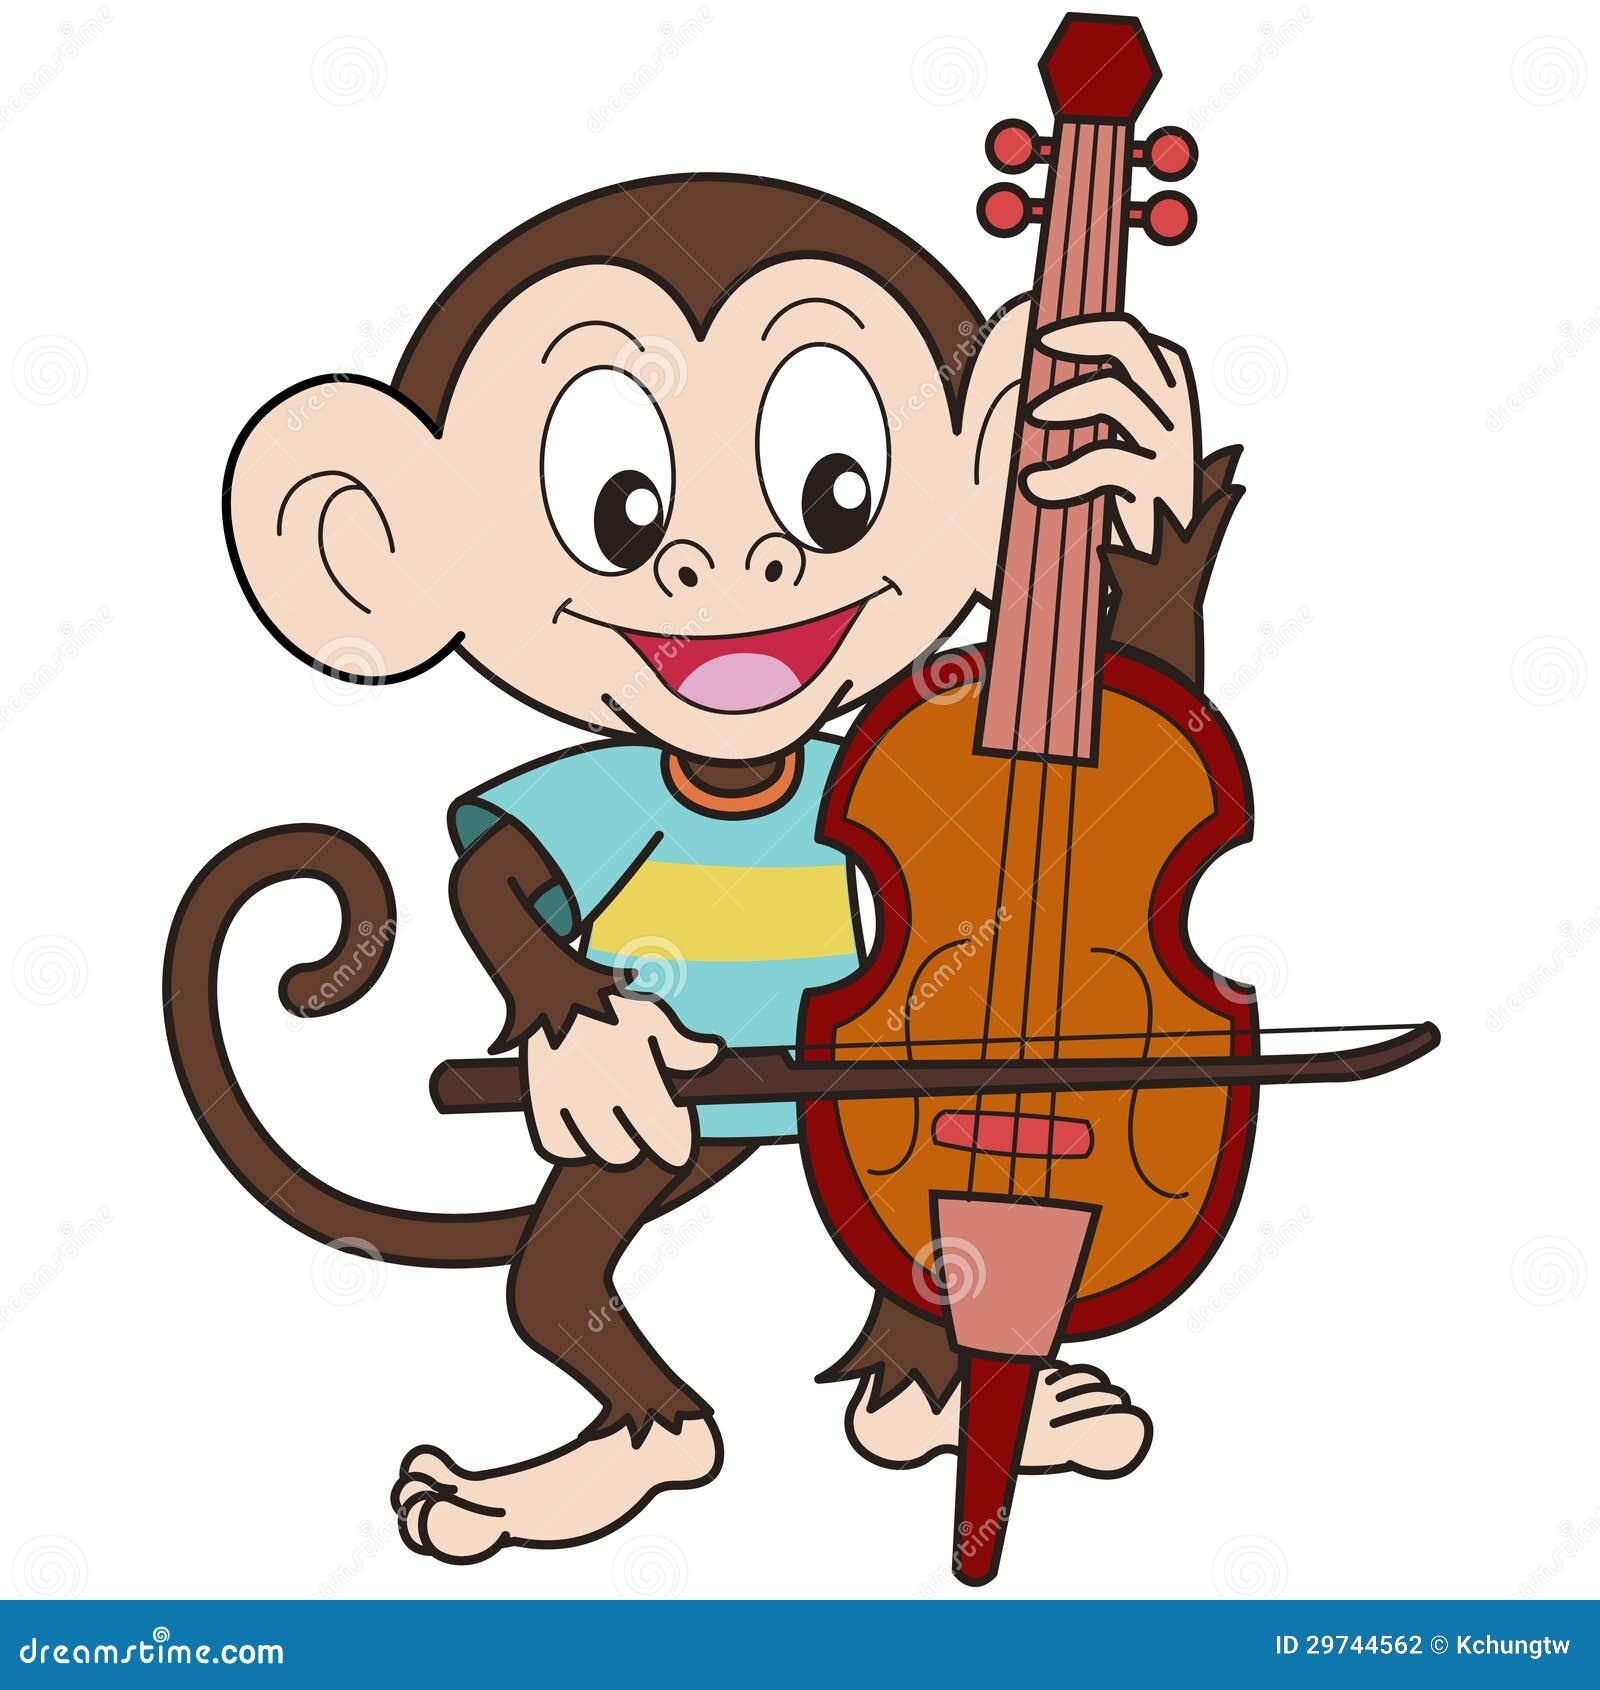 Cartoon monkey playing a cello stock vector image